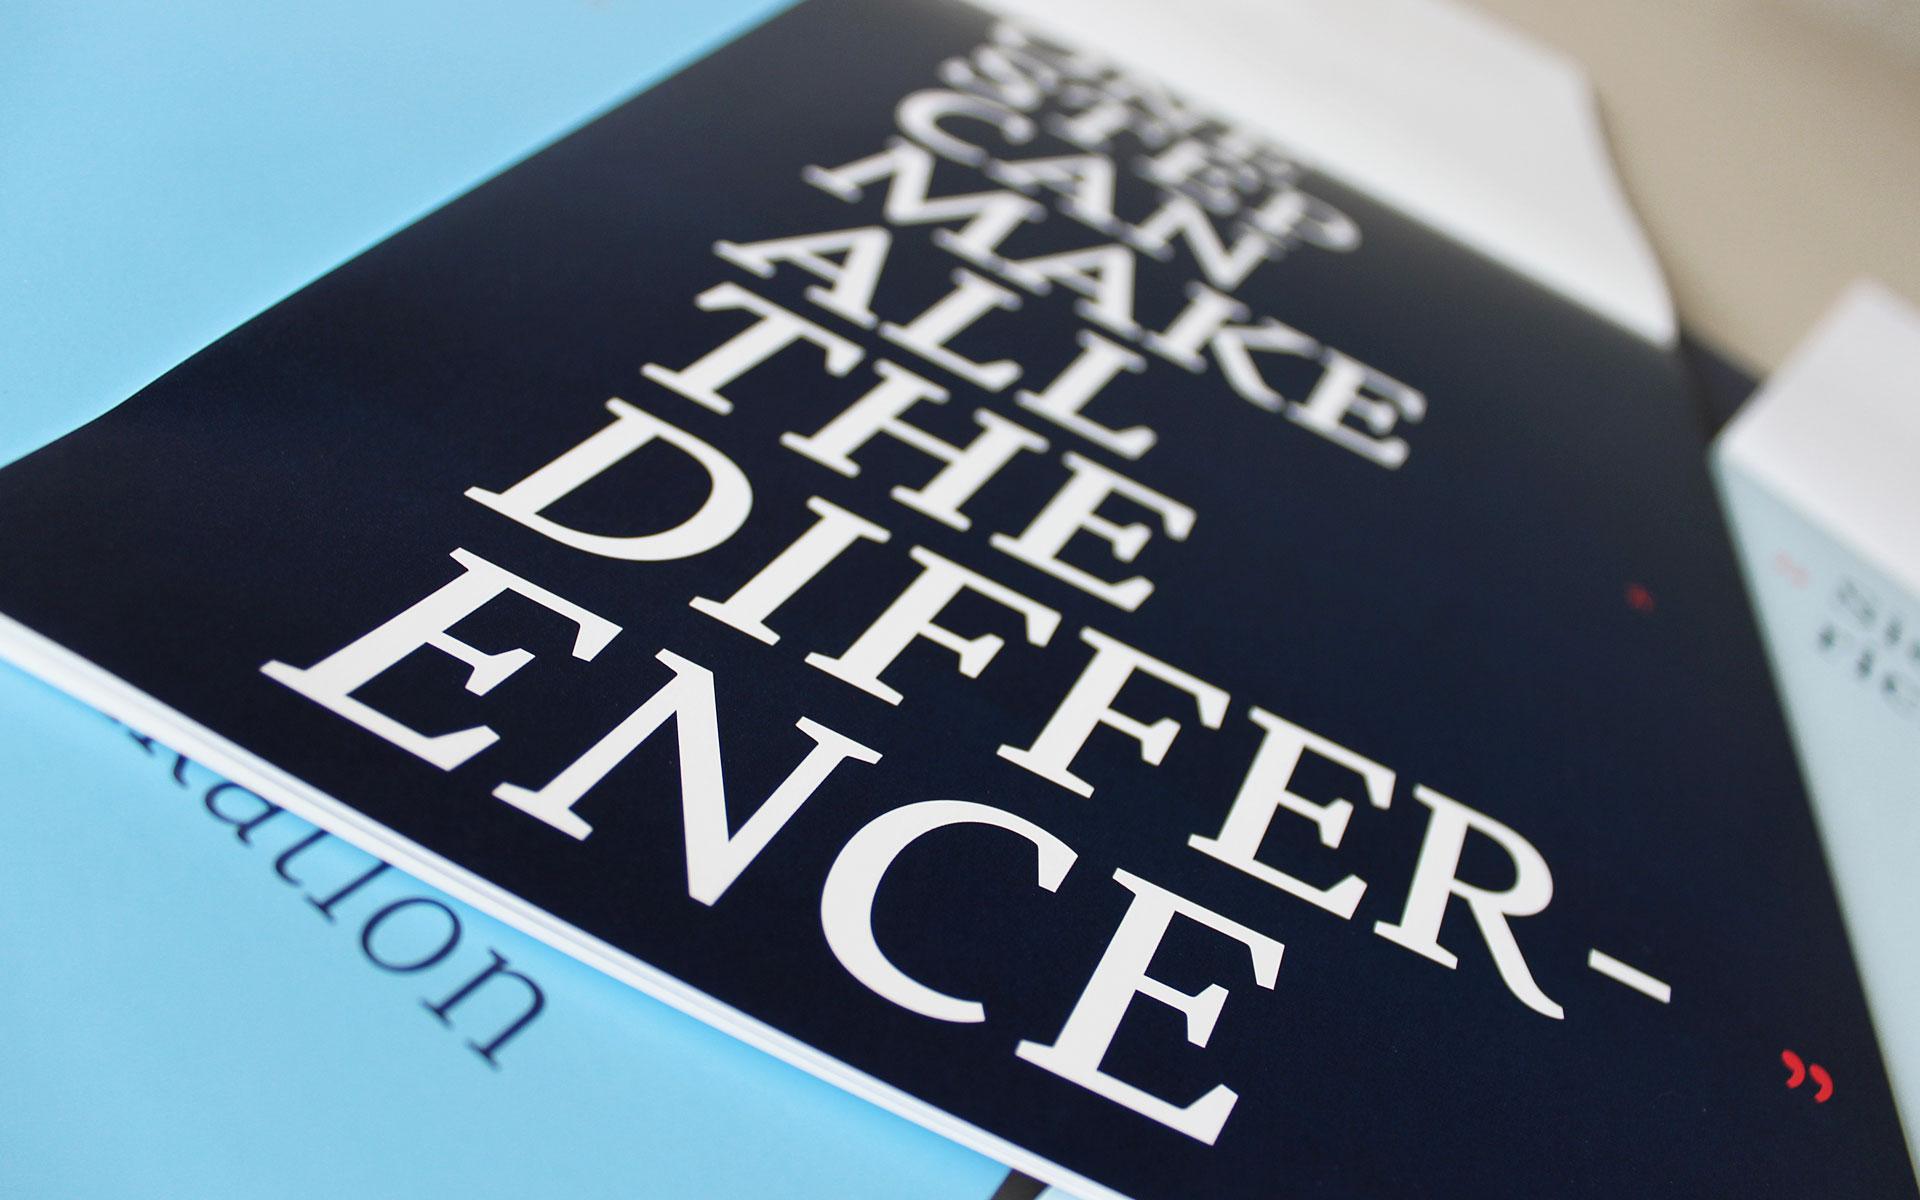 Dülberg & Brendel Corporate Design, Kommunikationsmedien, Imageblock, Typografie